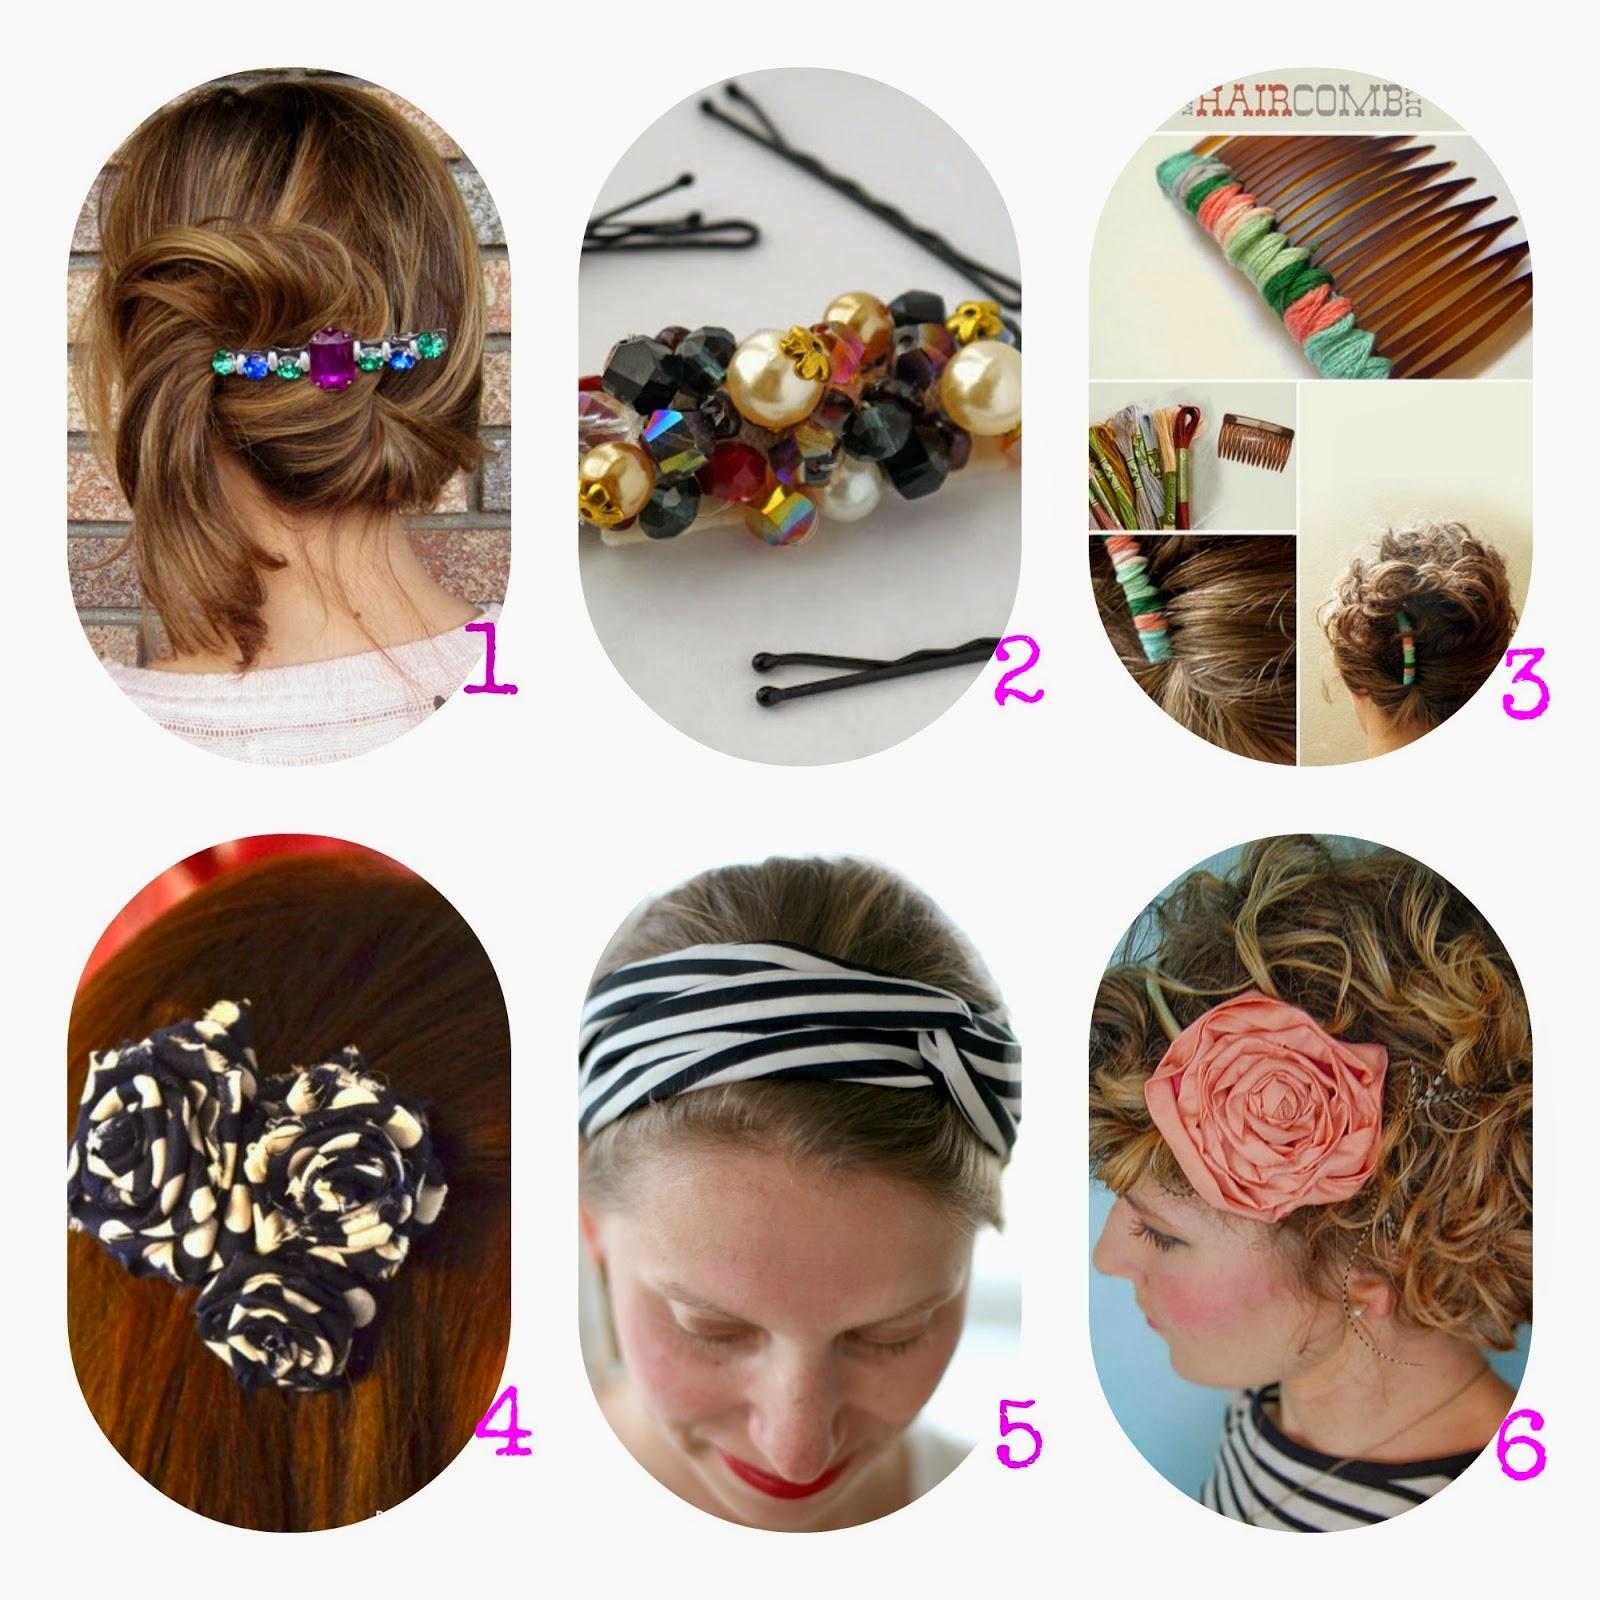 Moda fai da te, Accessori per capelli, Bellissimi tutorial dal web